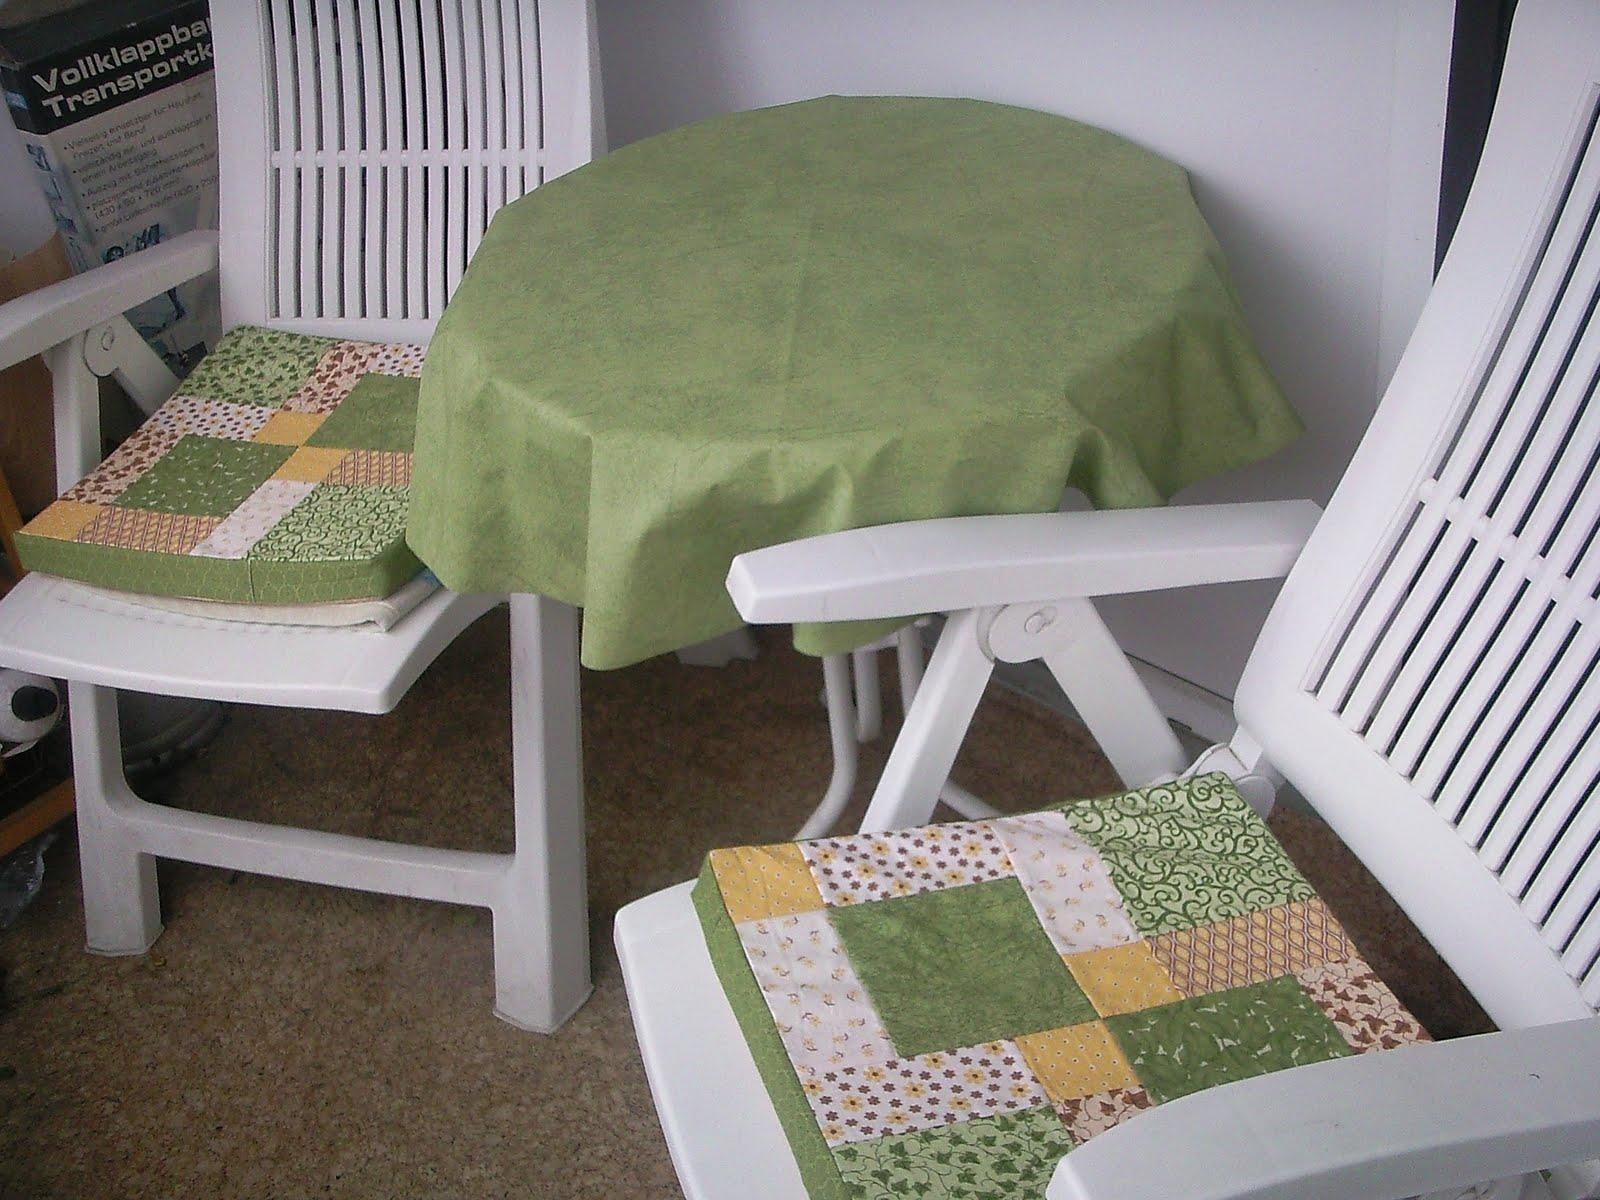 alles meins. Black Bedroom Furniture Sets. Home Design Ideas